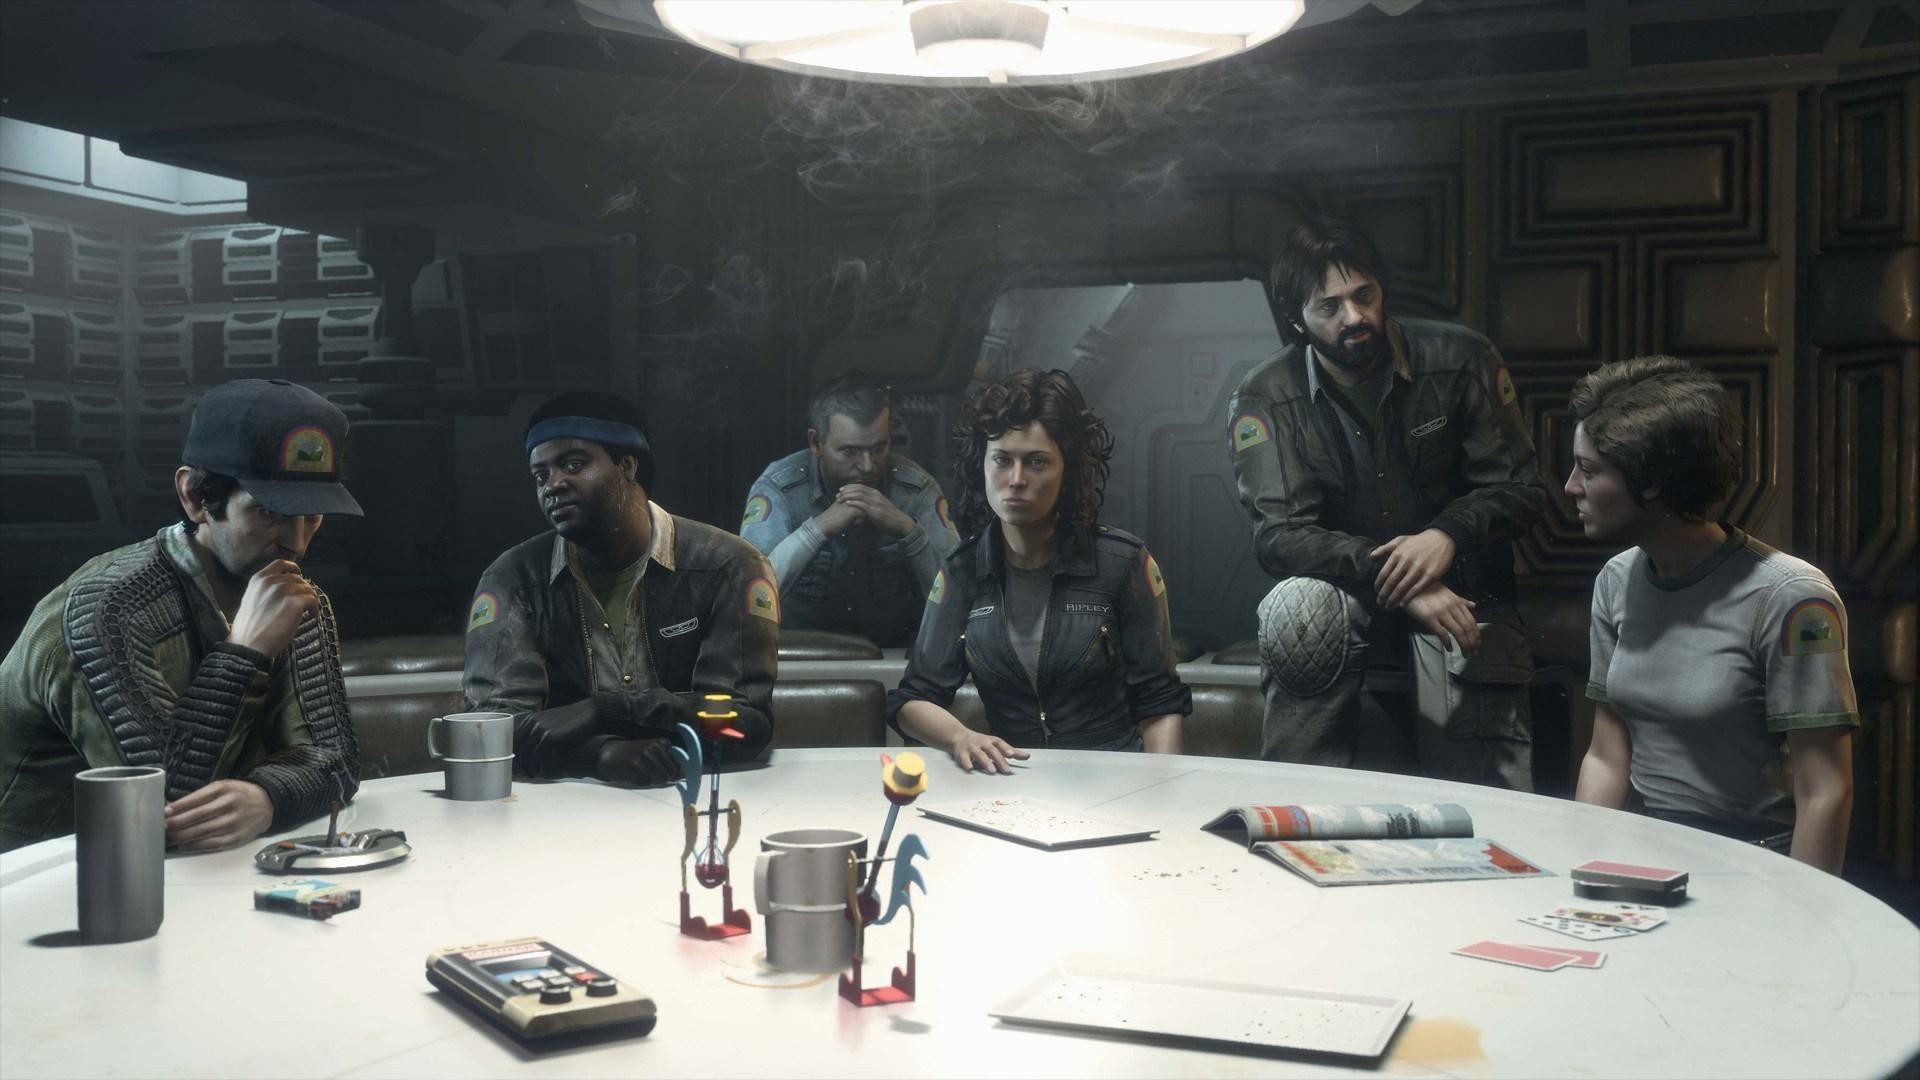 Alien-Isolation-themed-for-desktops-Alien-Isolation-category-